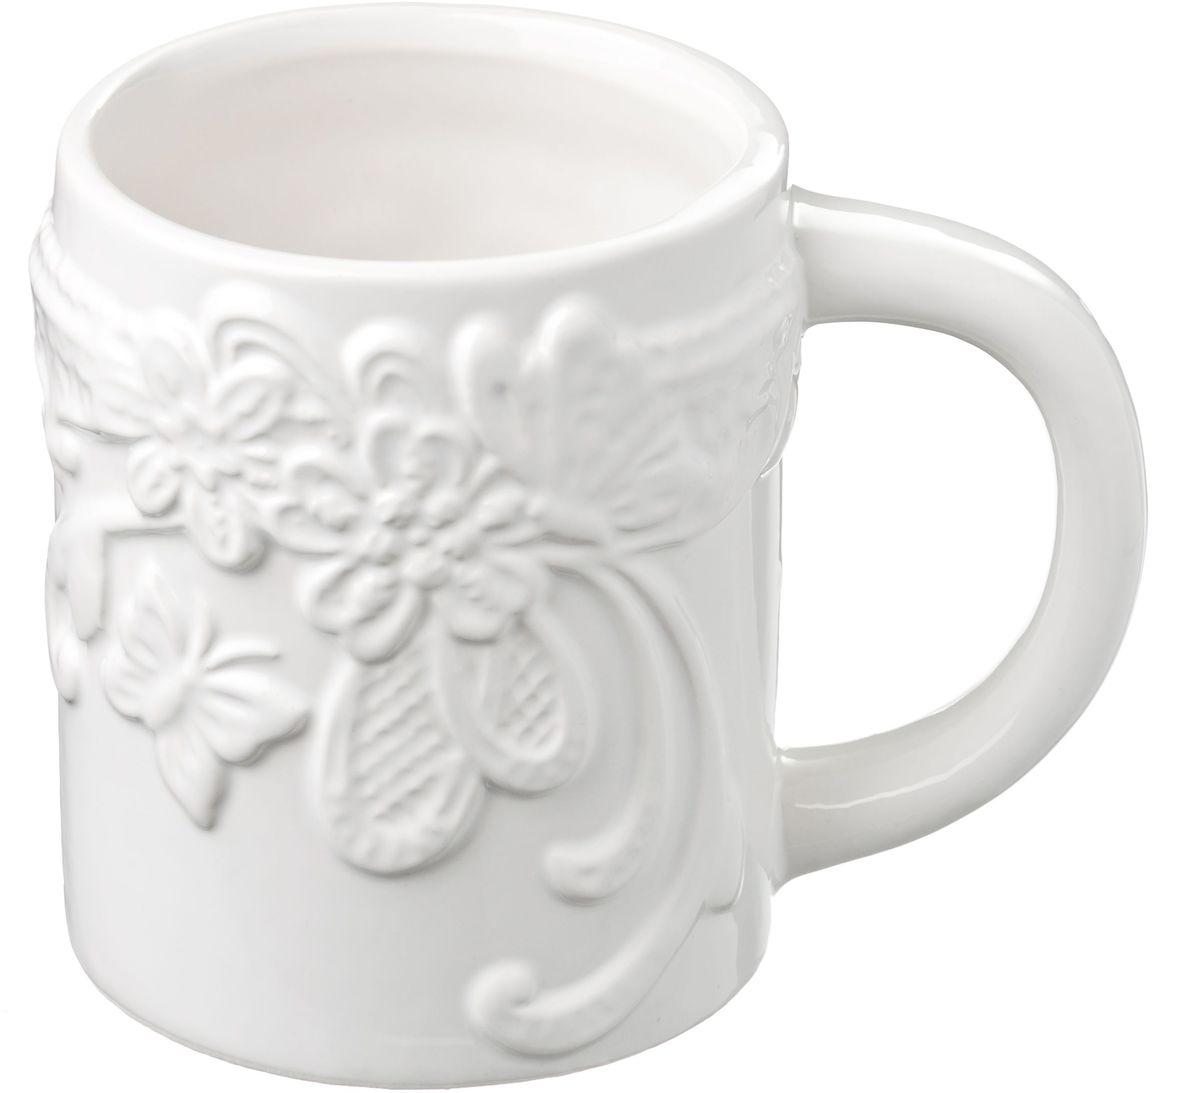 Кружка Vetta Бабочка, 450 мл824787Кружка Бабочки, выполненная из высококачественной керамики, украшена рельефным рисунком в виде узоров, бабочек и цветов. Изделие оснащено удобной ручкой. Кружка сочетает в себе оригинальный дизайн и функциональность. Благодаря такой кружке пить напитки будет еще вкуснее.